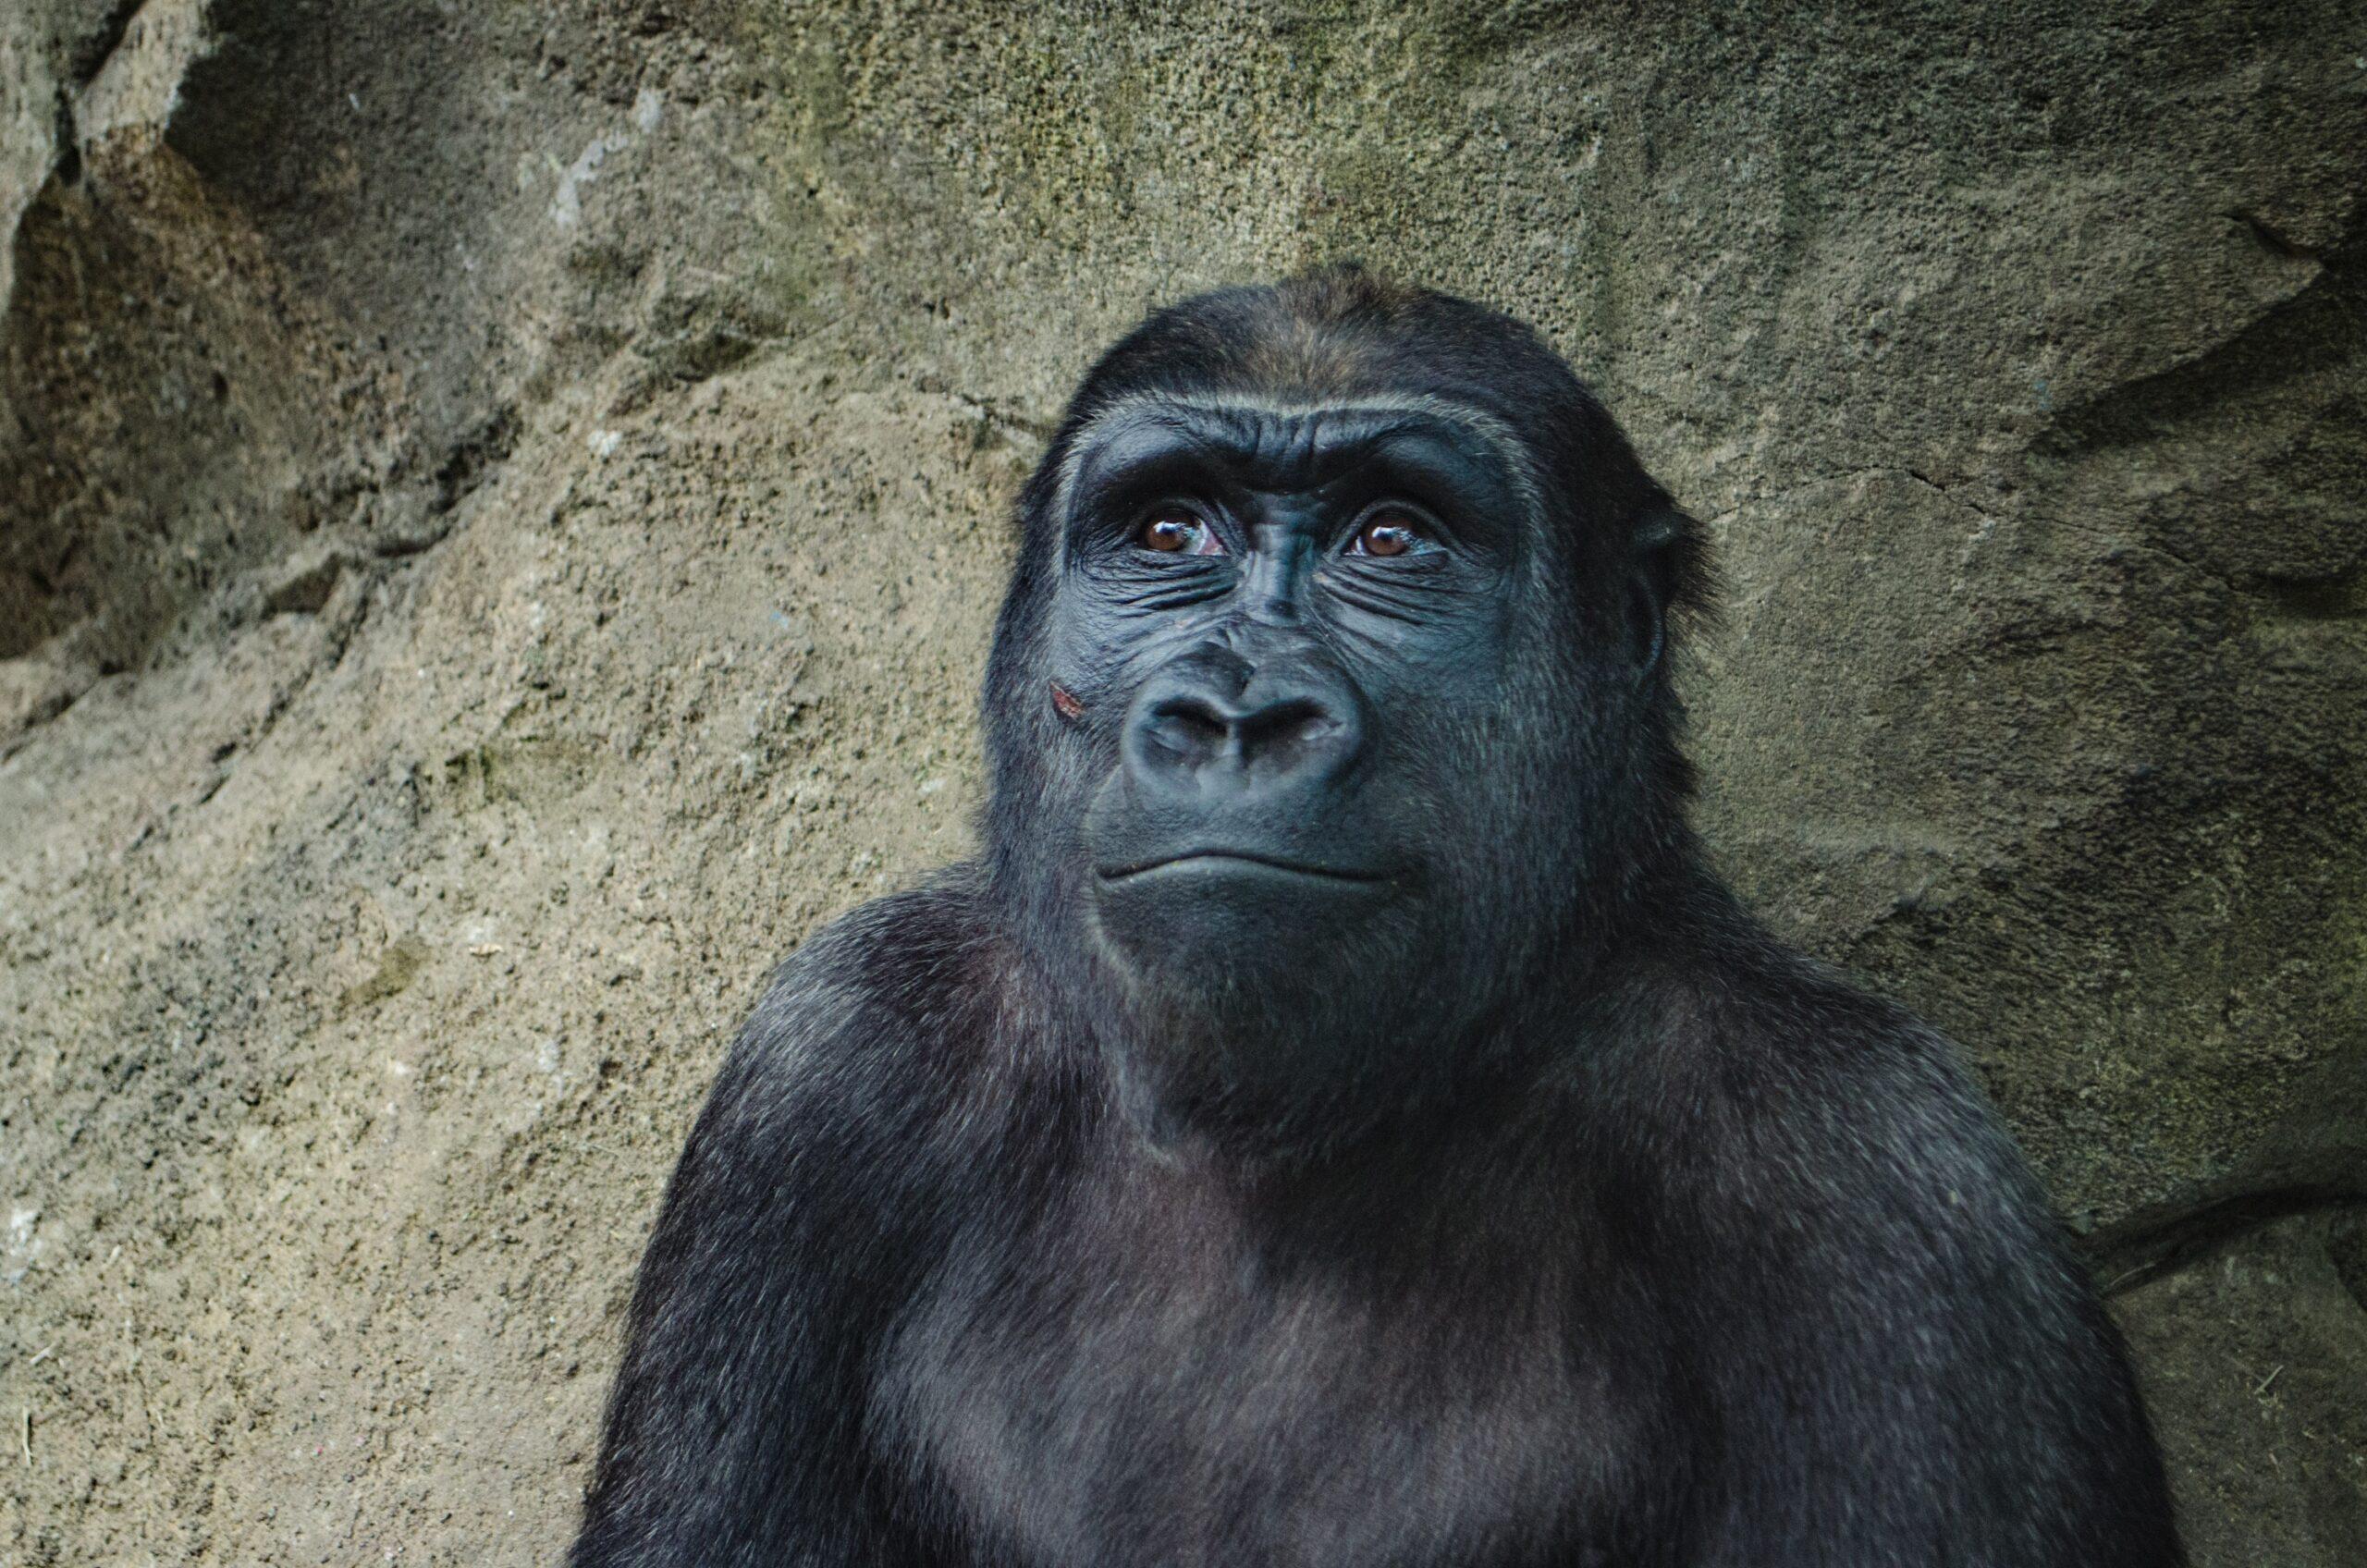 È stato dimostrato che l'evoluzione sia vera?